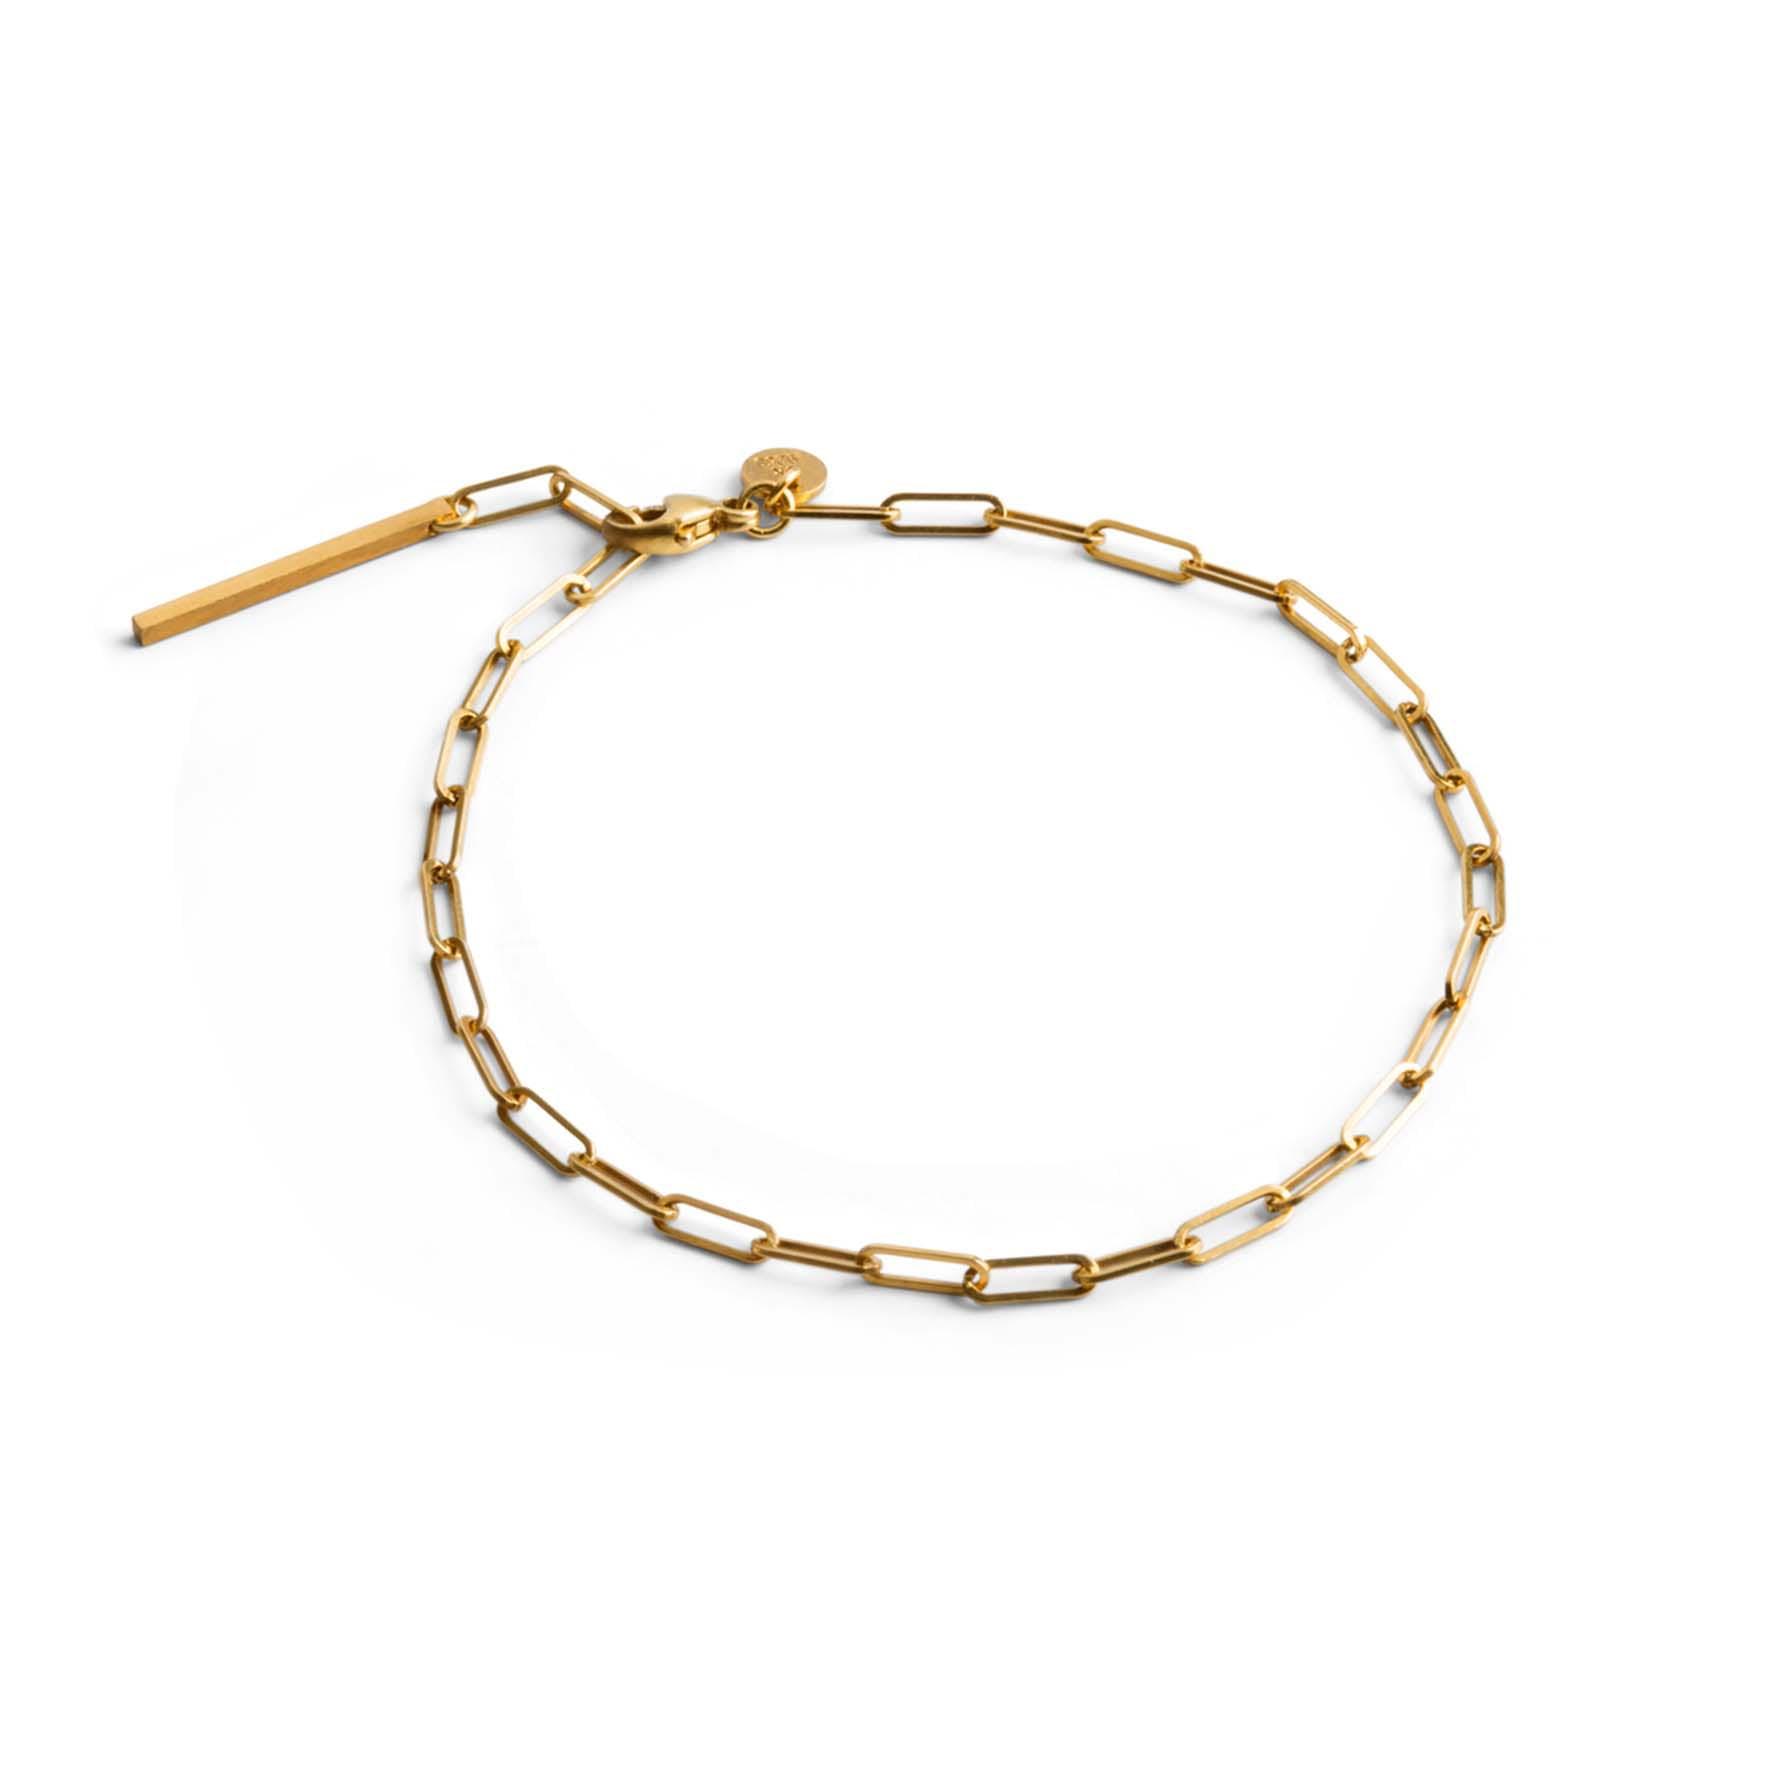 Stretched Reflection Bracelet